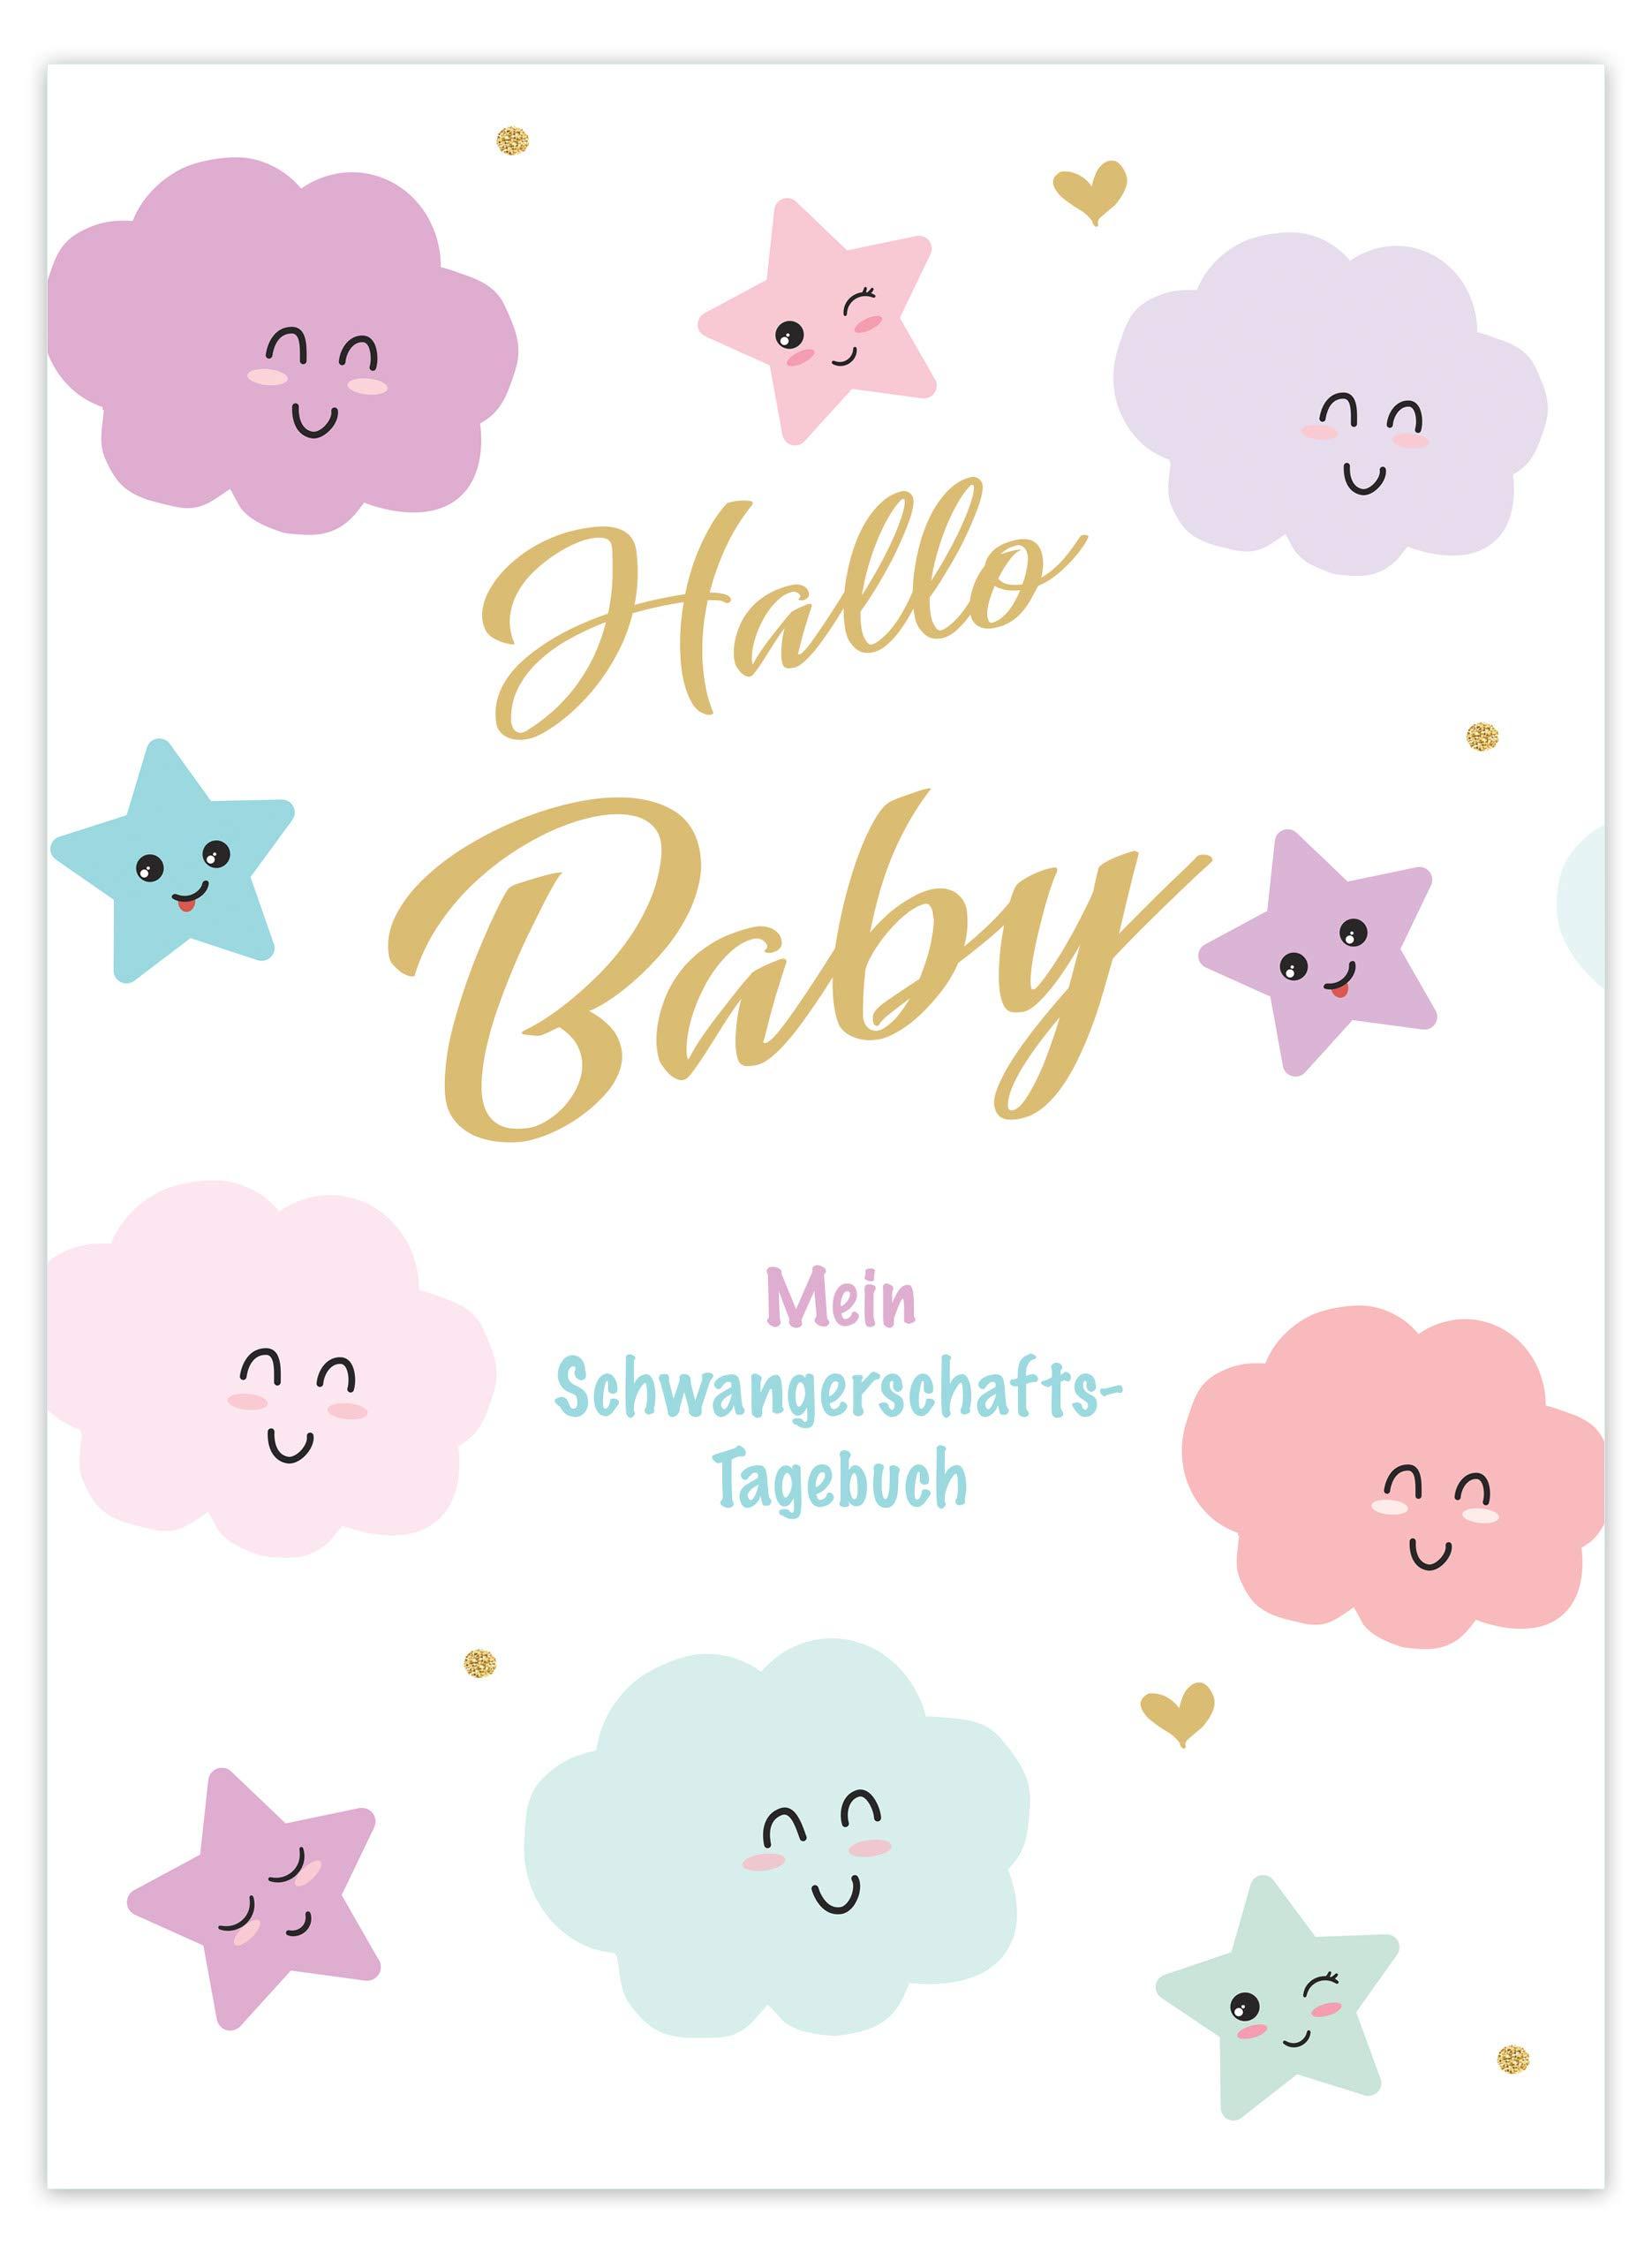 Edition Seidel  Hallo Baby Mein Schwangerschaft Tagebuch Hardcover Mit 96 Seiten Schwangerschaft Tagebuch